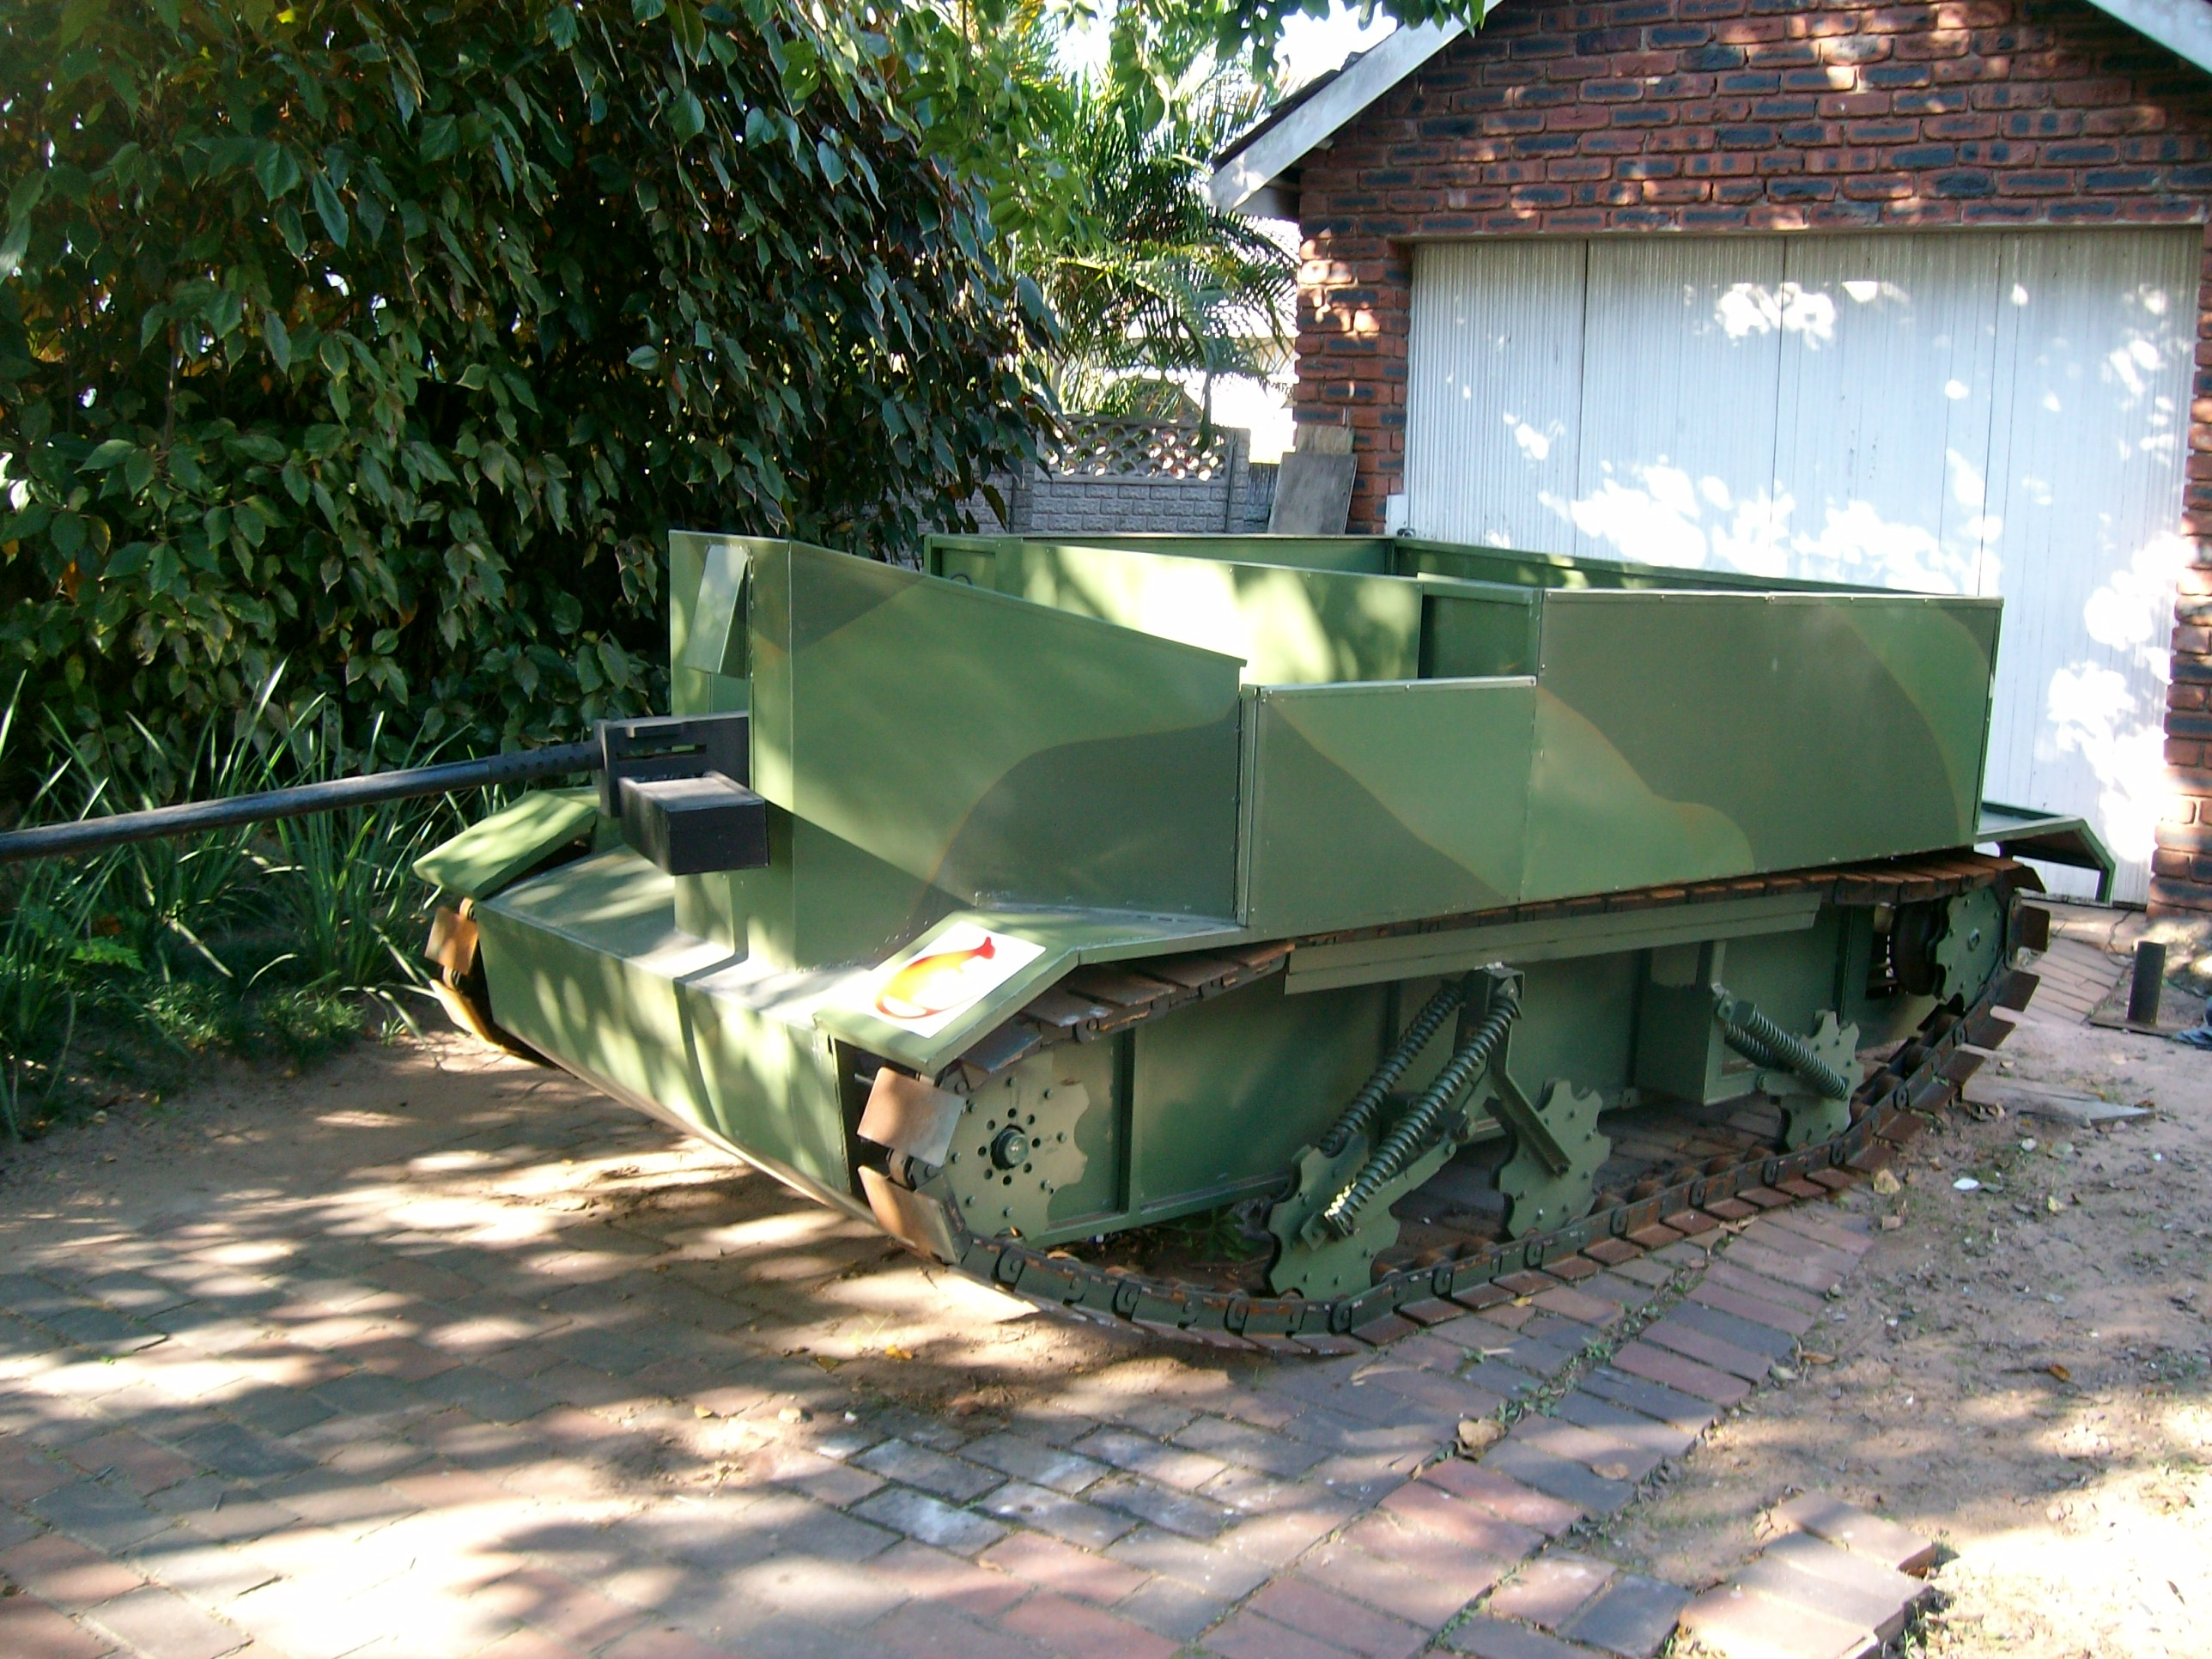 Bren gun carrier